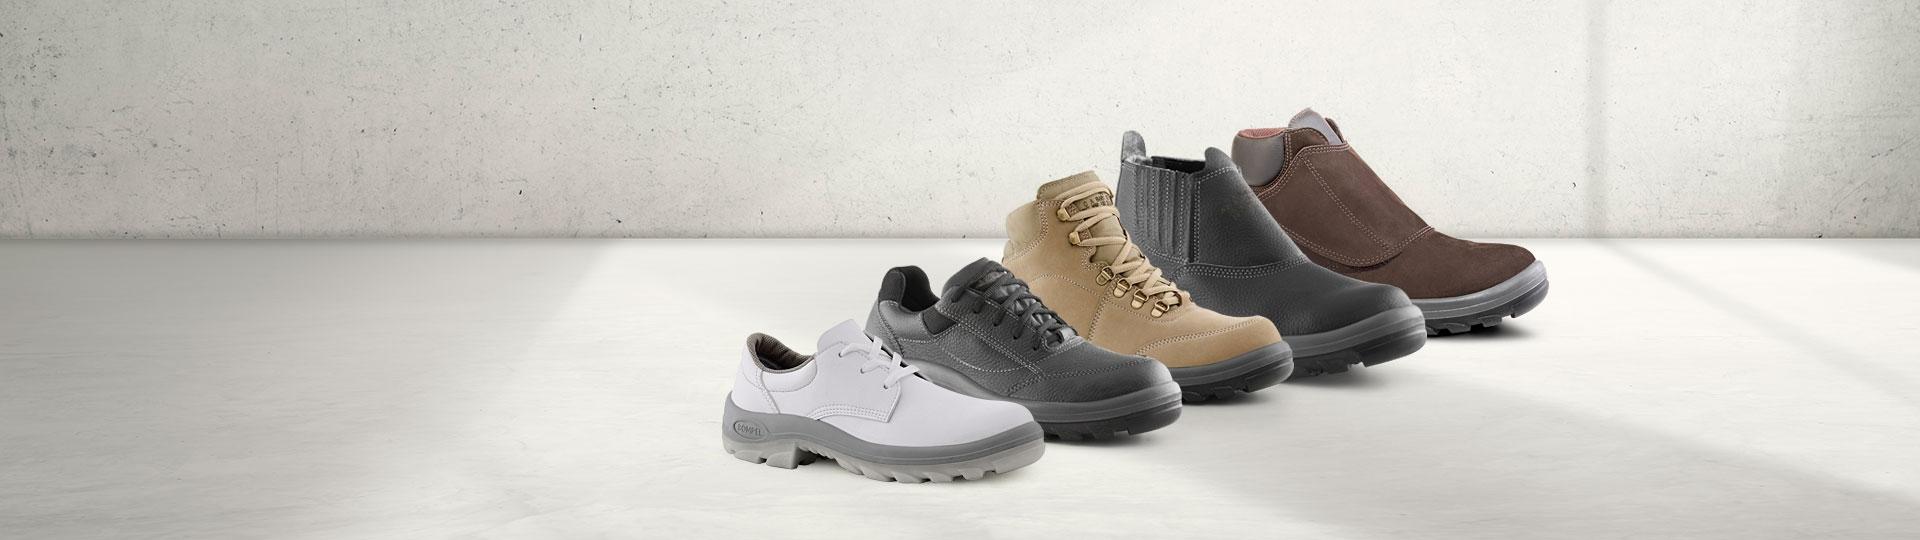 Linha de calçados Bompel segurança diferentes segmentos